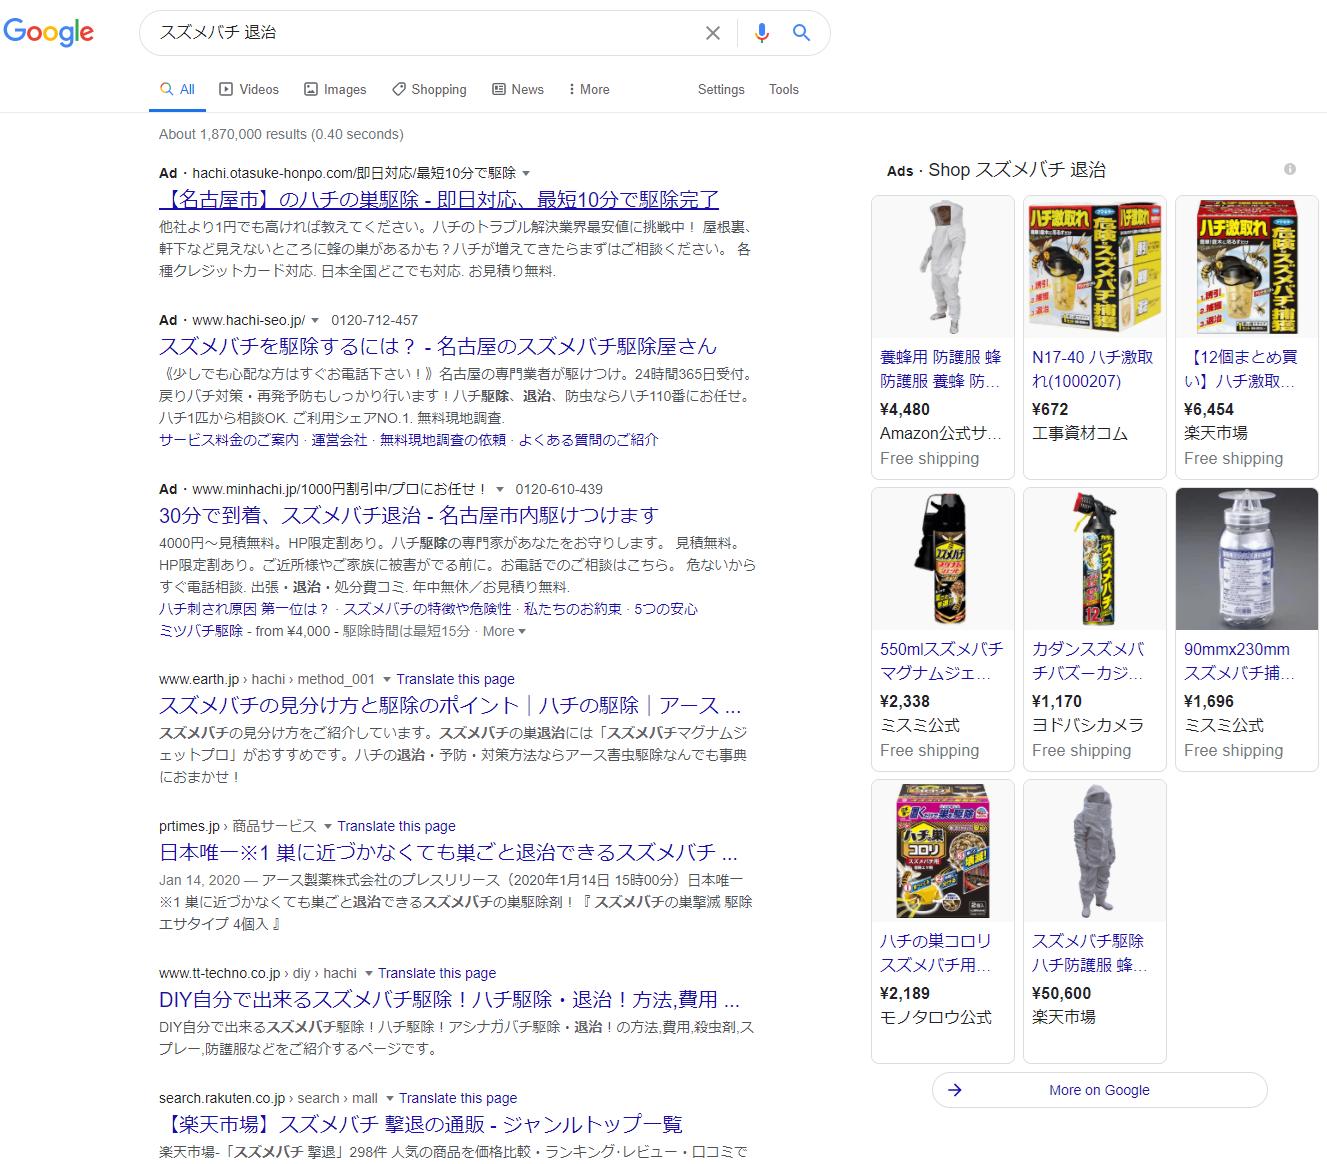 「スズメバチ退治」のGoogle検索結果